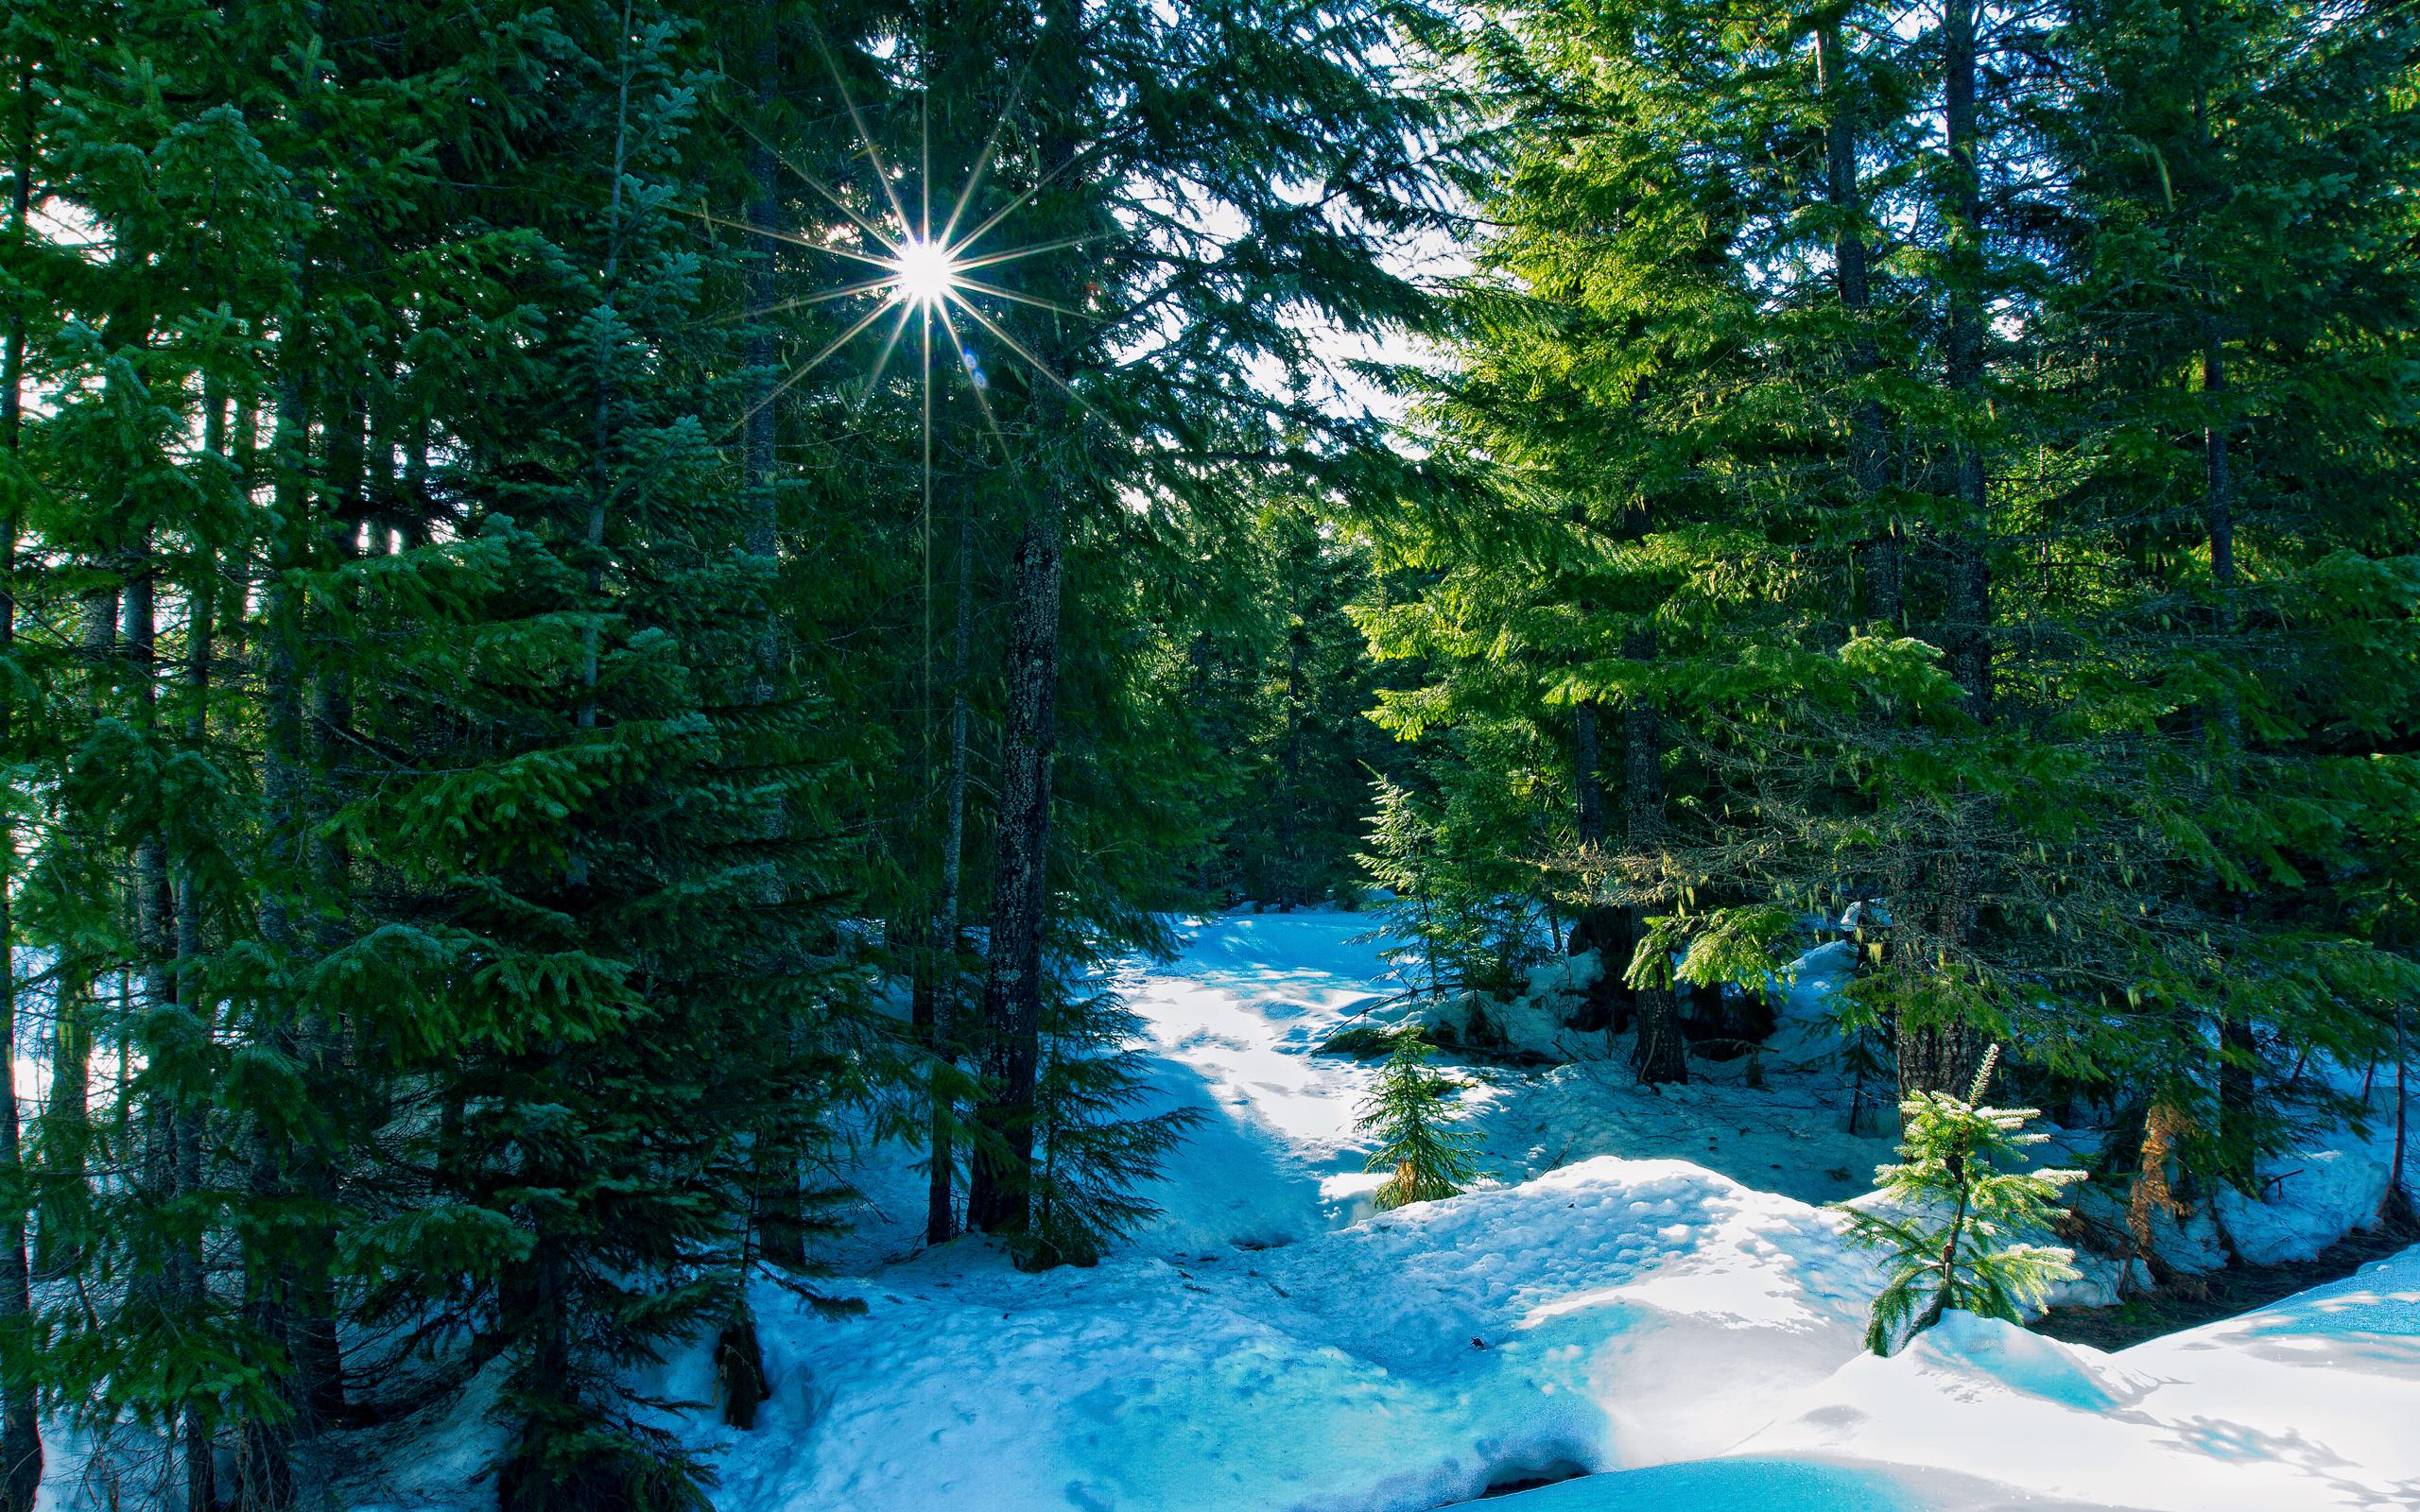 зимний солнечный лес  № 310367 загрузить